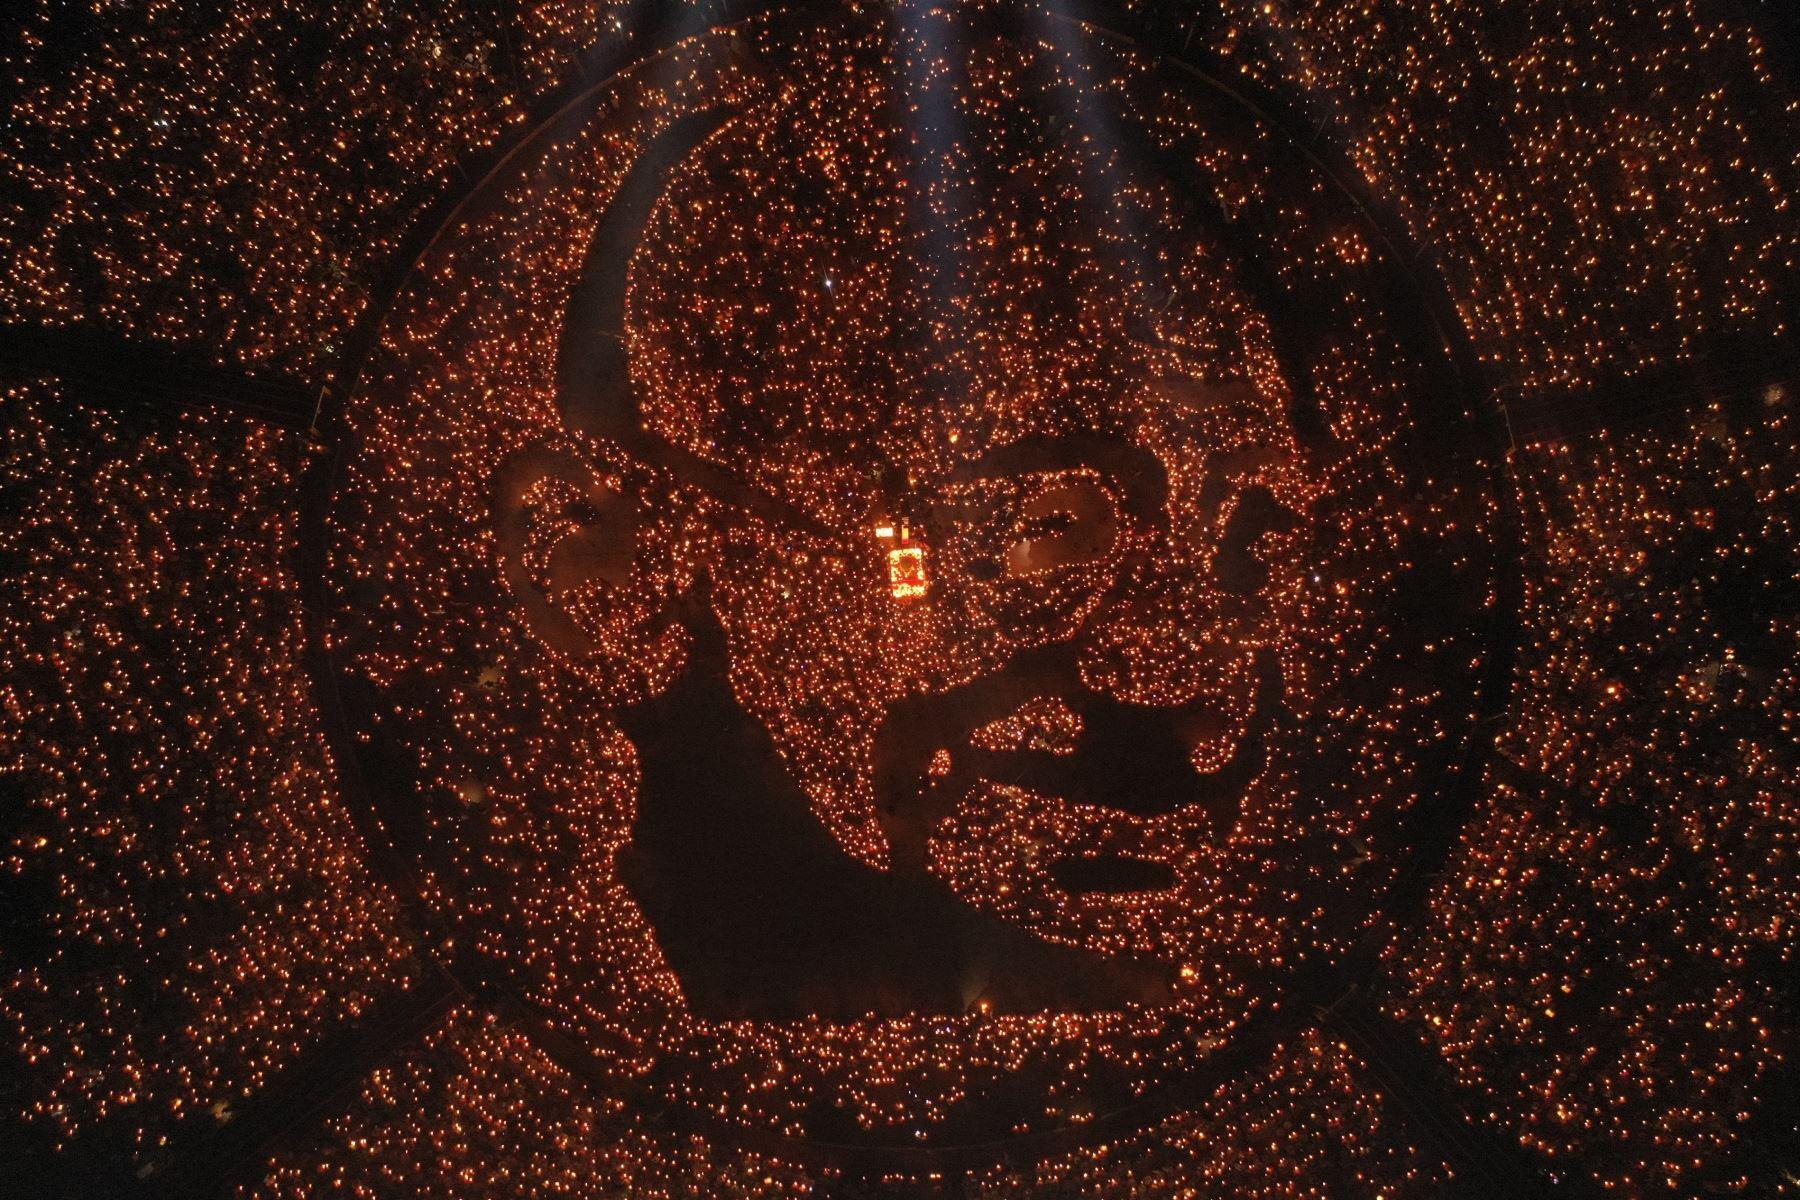 Retrato del ícono de la independencia india Mahatma Gandhi iluminado por 30,000 miles de devotos hindúes sosteniendo lámparas de aceite encendidas para conmemorar su 150 aniversario de nacimiento mientras participan en un Maha Aarti (un ritual hindú), en la India occidental.